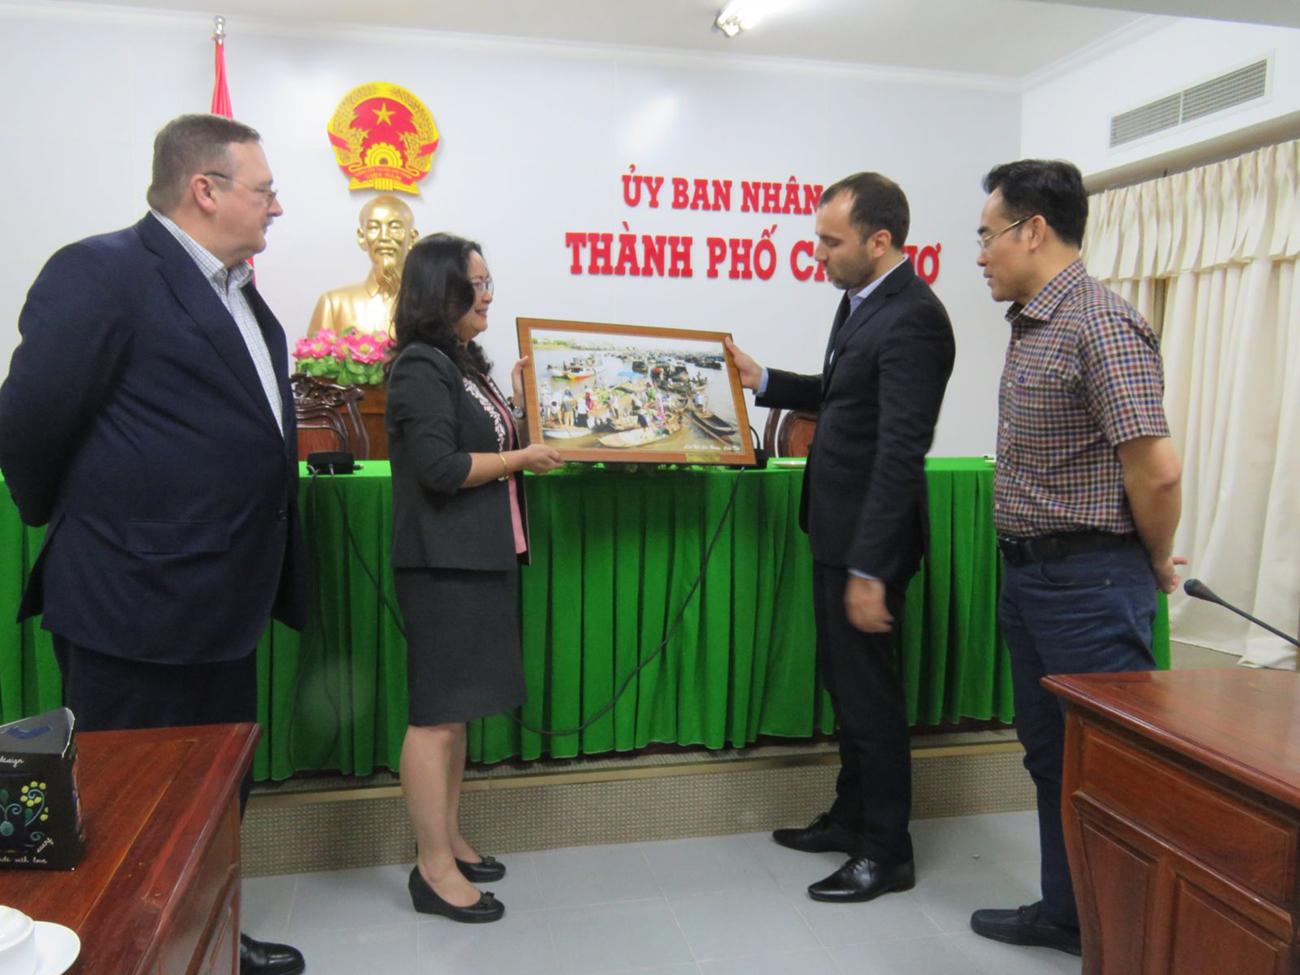 Bà Võ Thị Hồng Ánh tặng tranh lưu niệm cho Ngài Joó István.